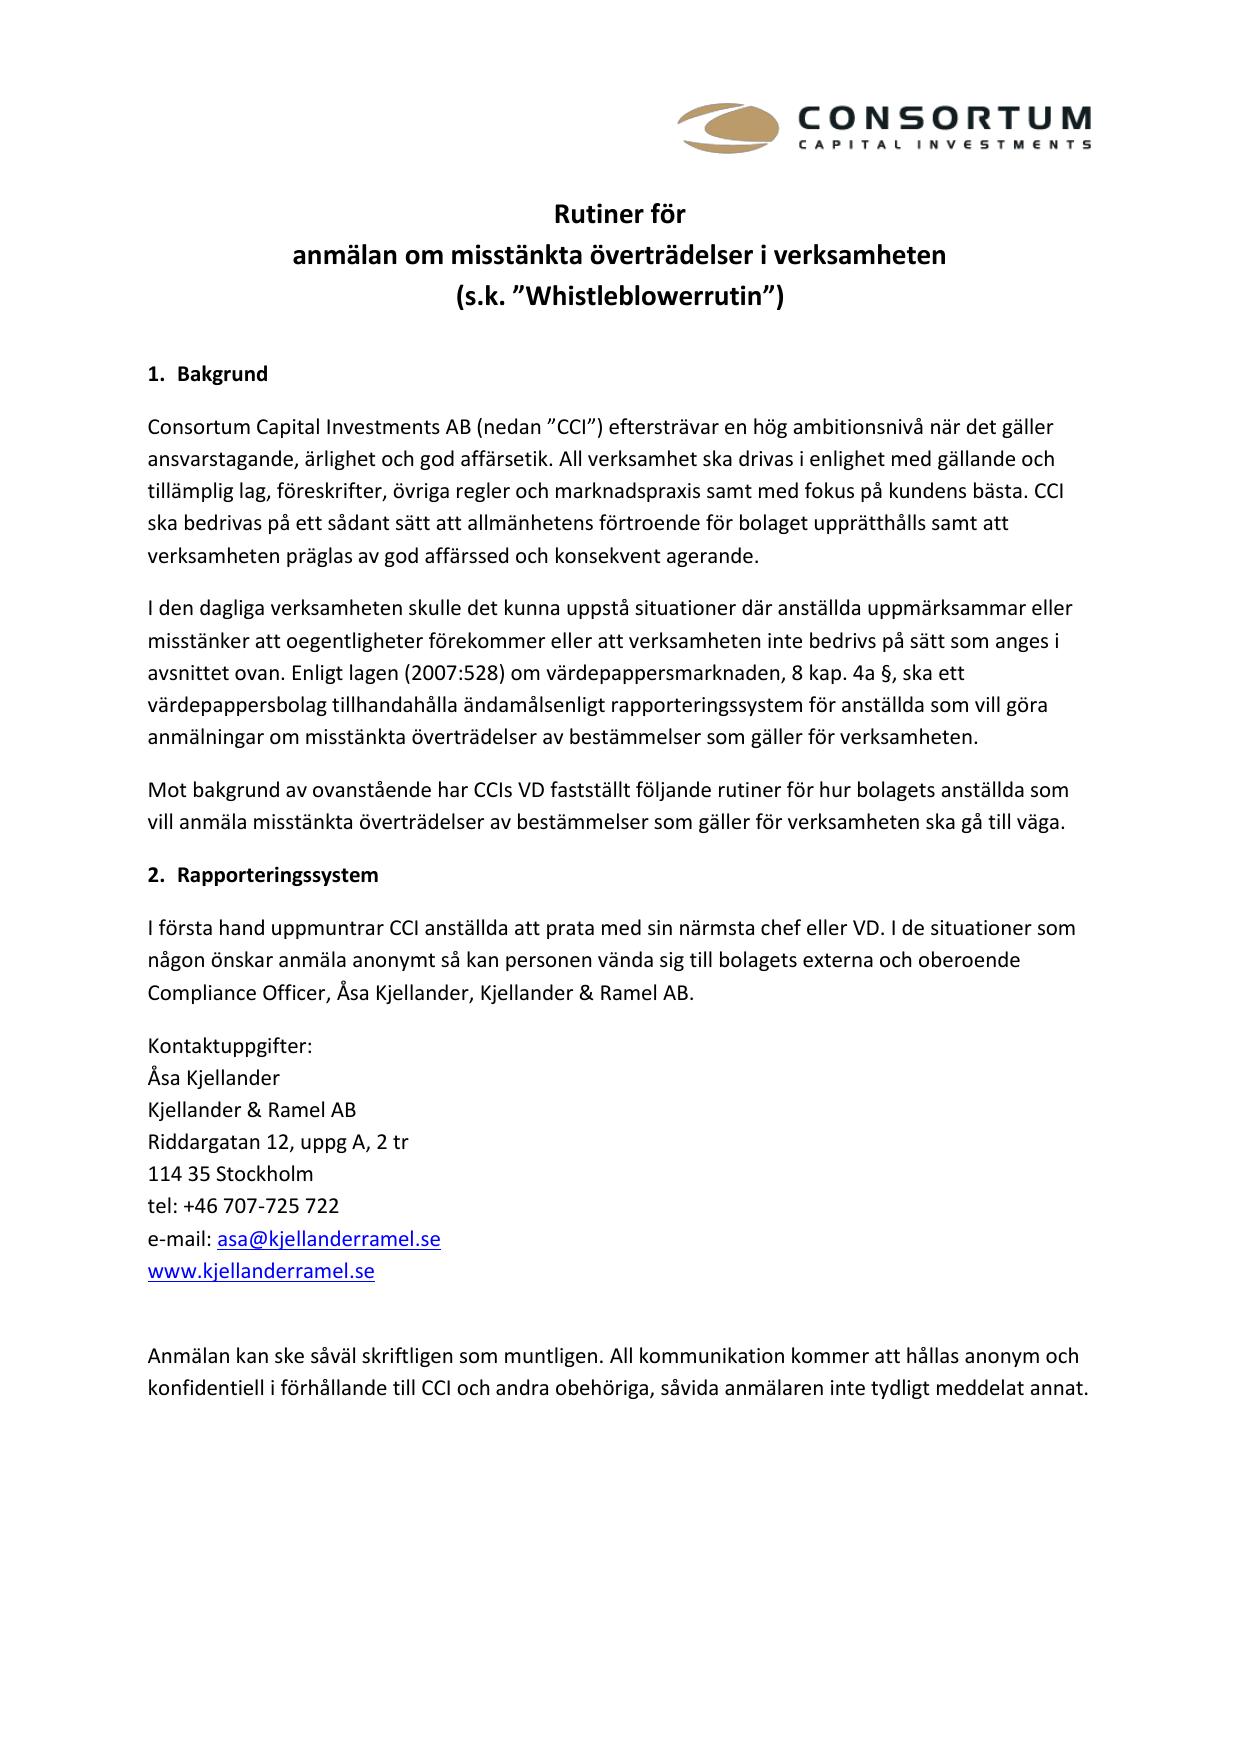 ad9c5928cc9 Rutiner för anmälan om misstänkta överträdelser i verksamheten (sk